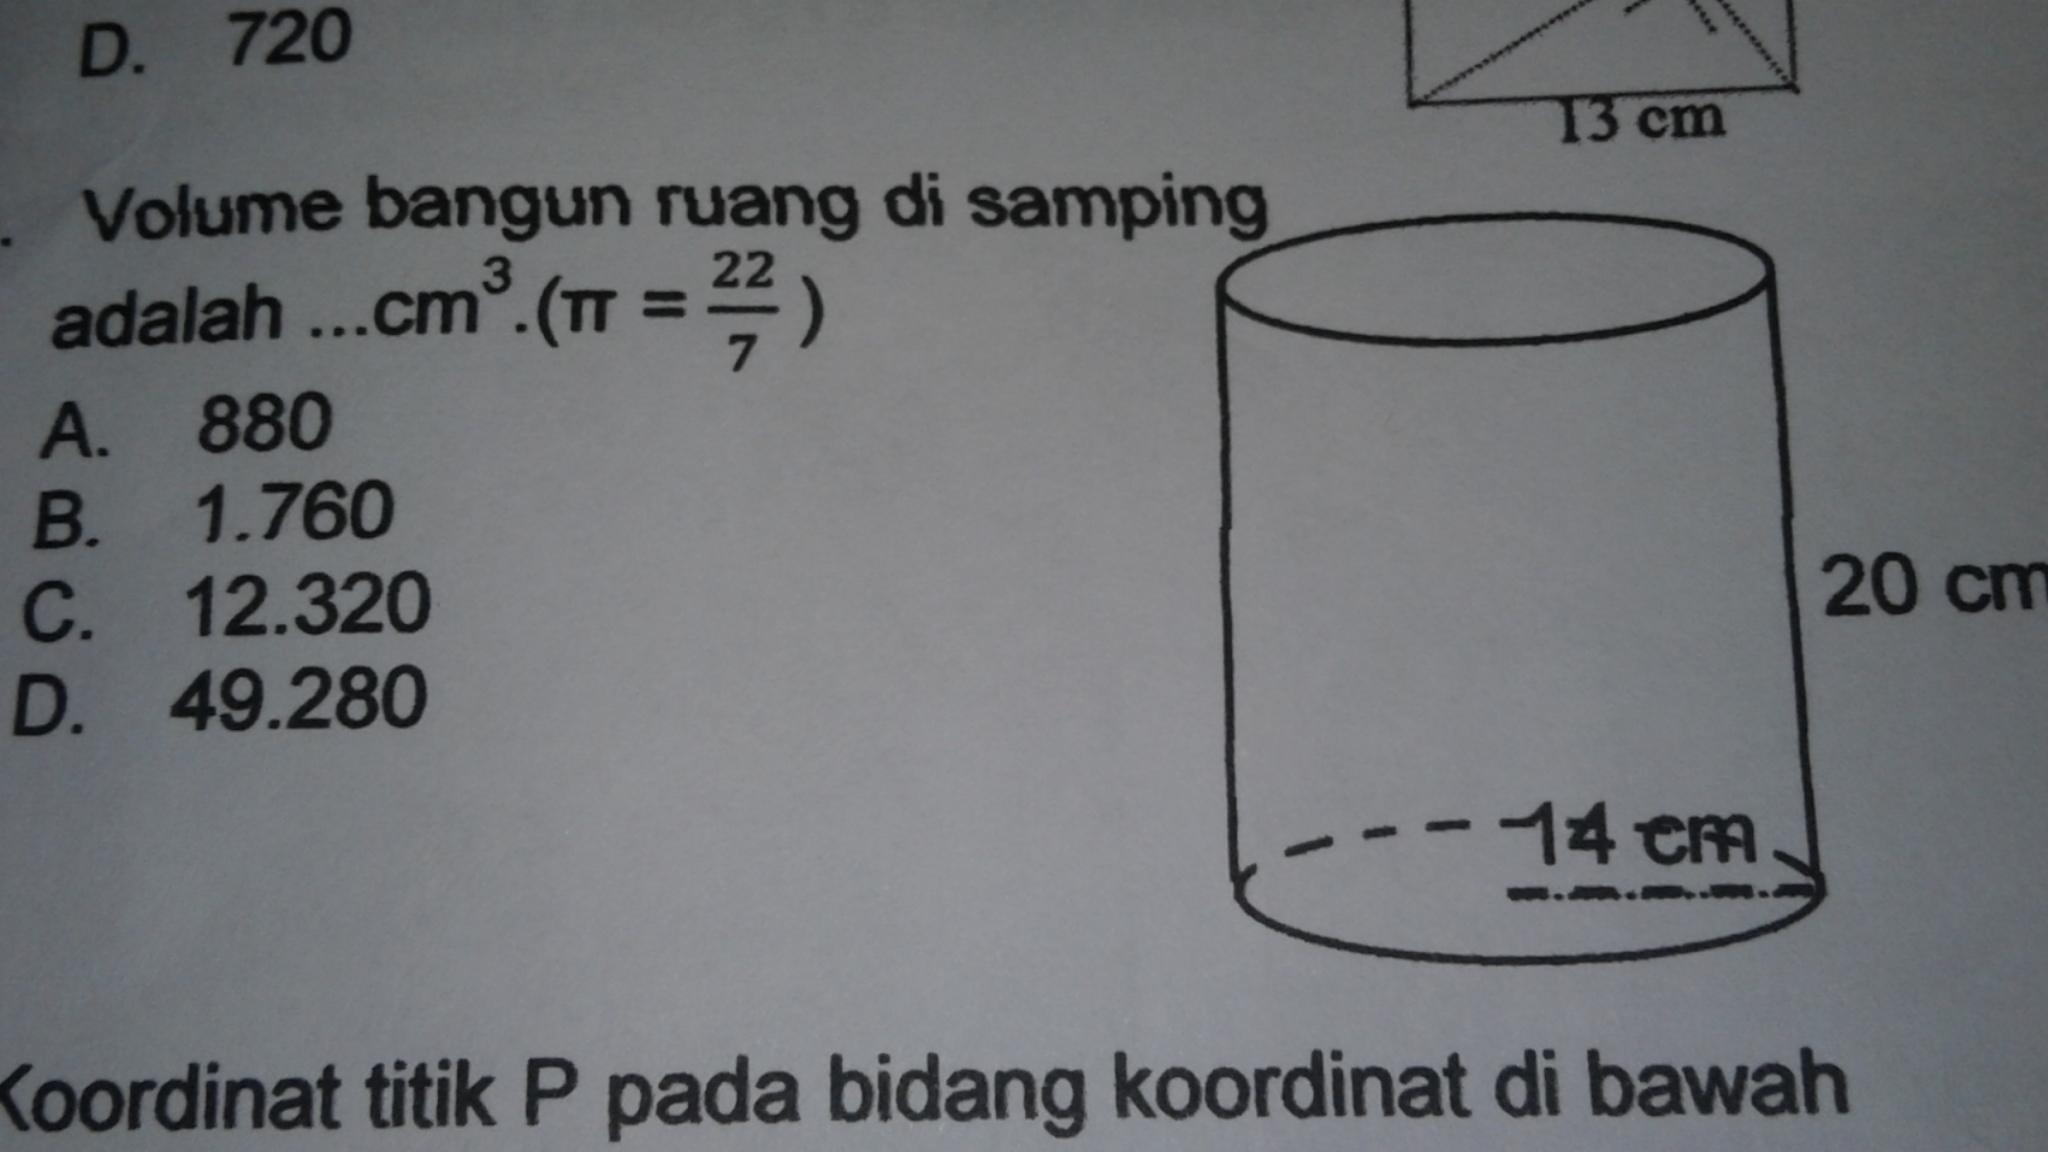 Volume bangun ruang di samping adalah... cm3(kubik)(pi=22 ...